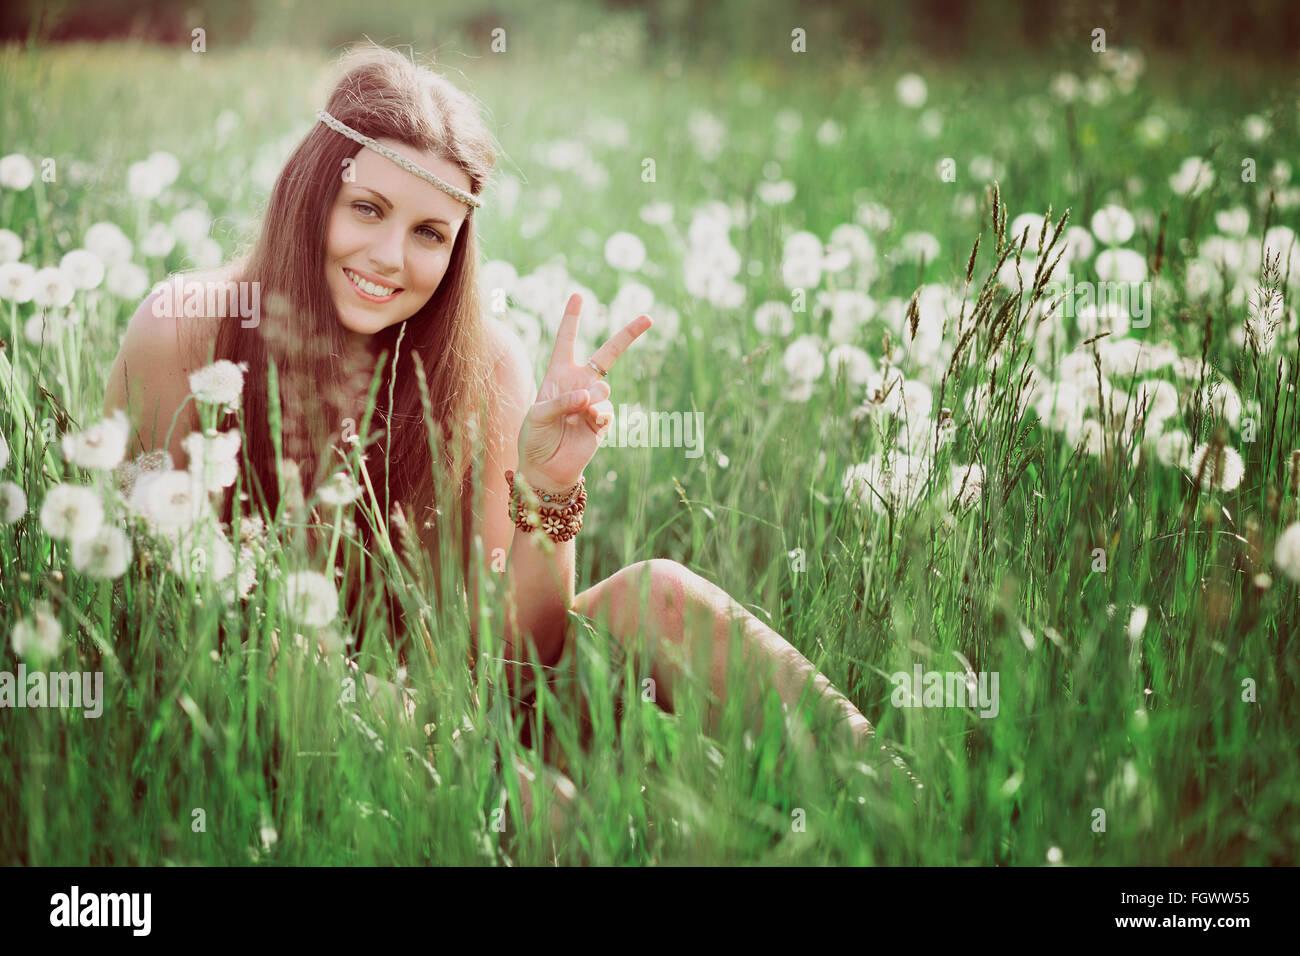 Segno di pace dalla sorridente hippie libero . Natura e armonia Immagini Stock